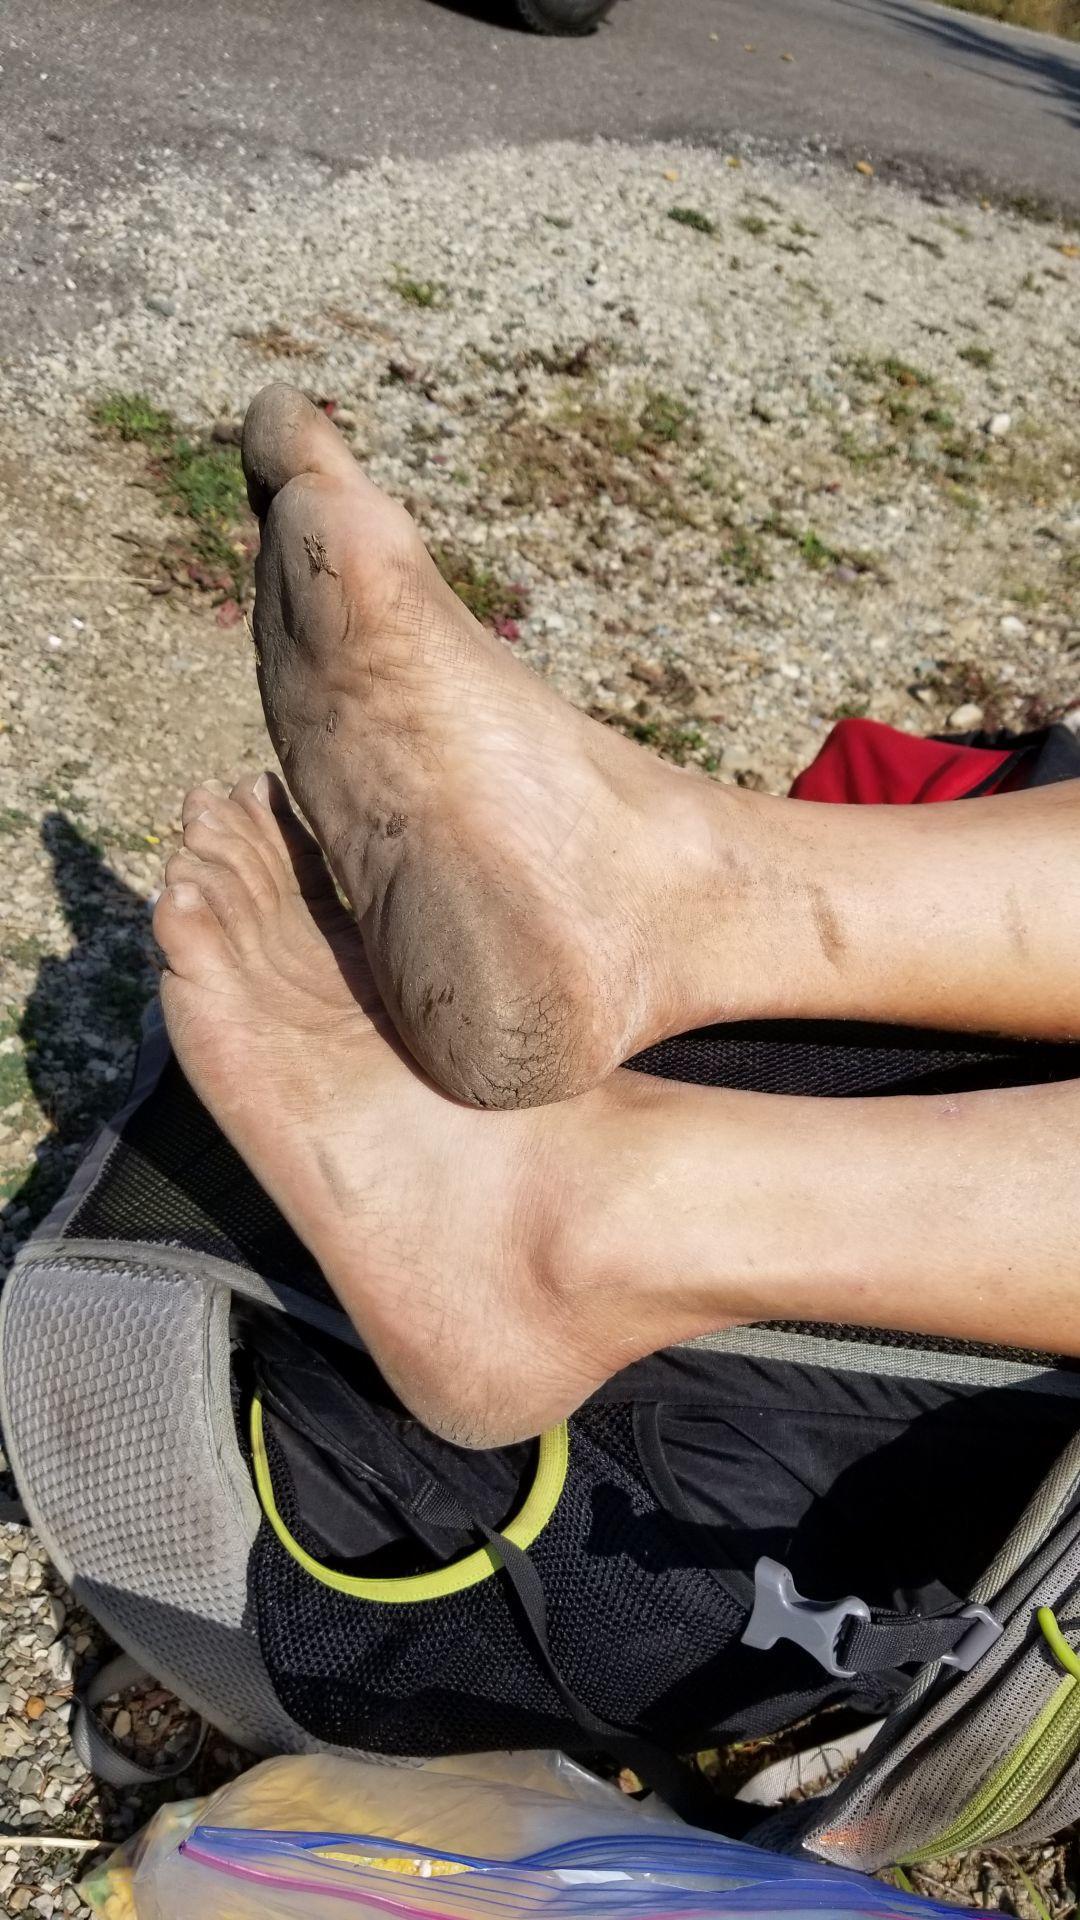 barefoot feet